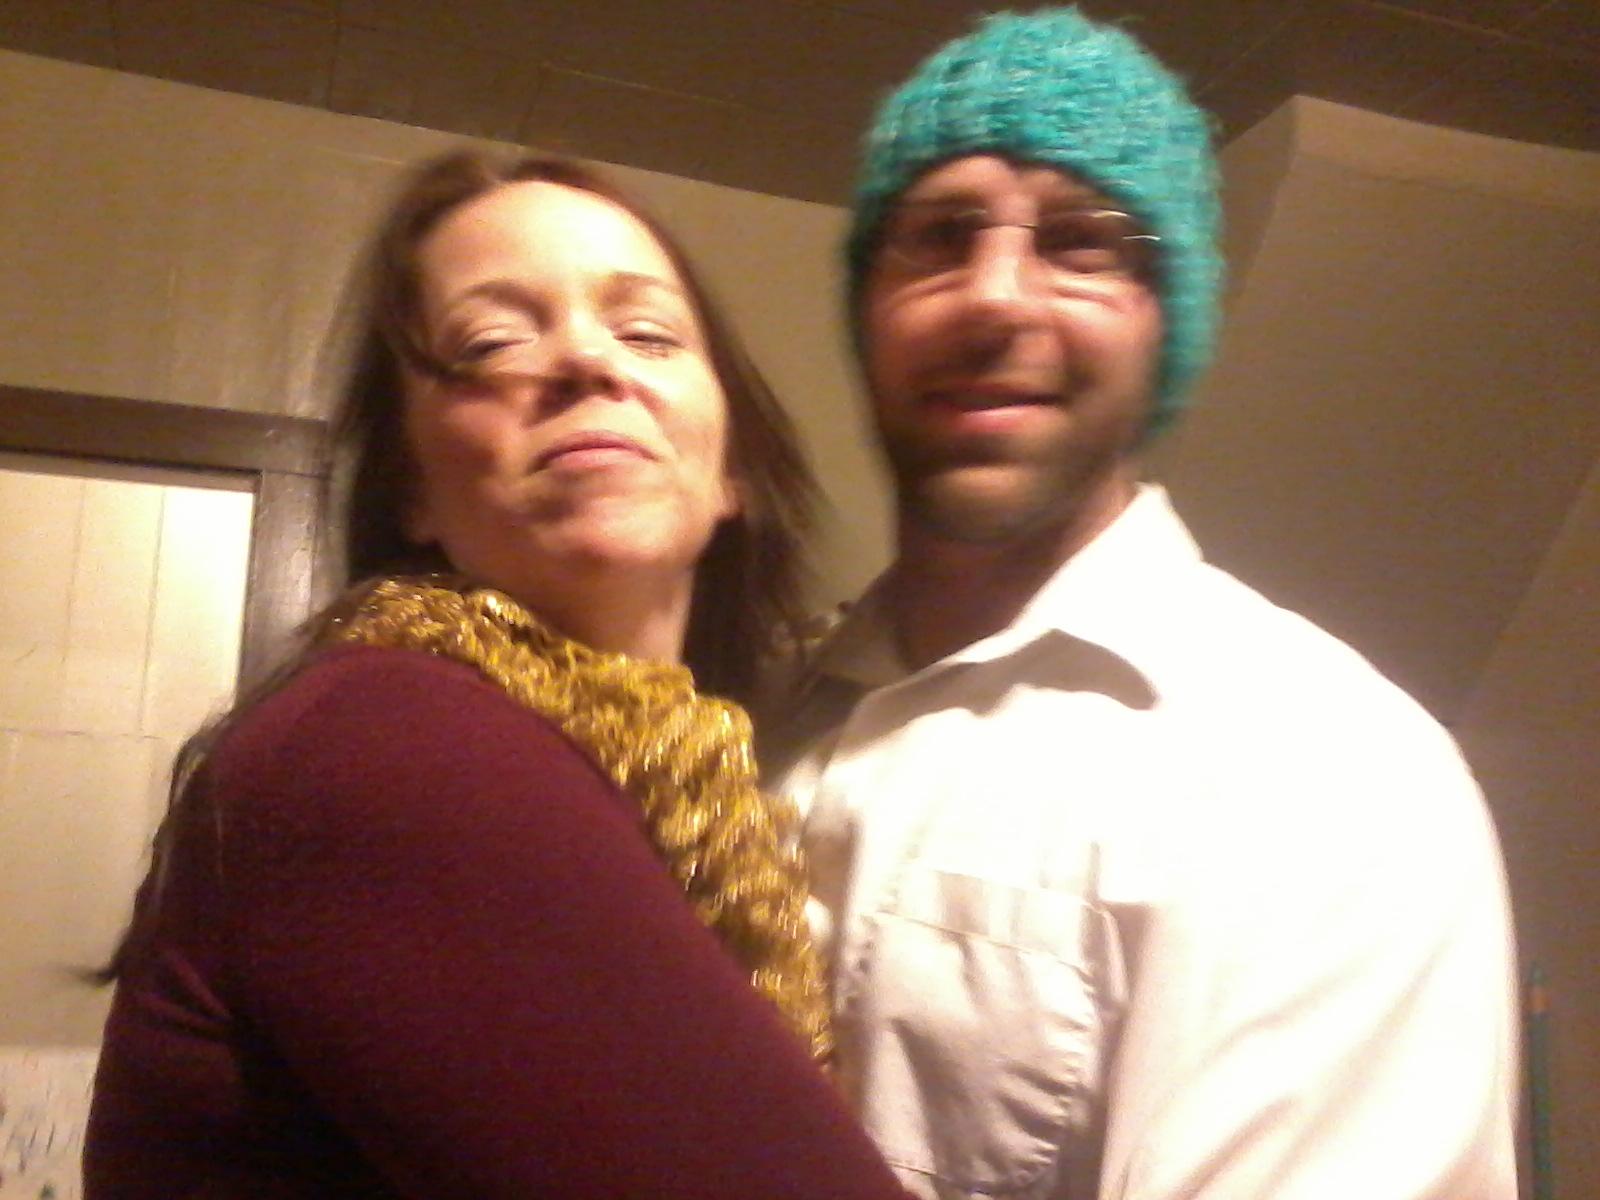 My brother, Dan, and his girlfriend, Tara.